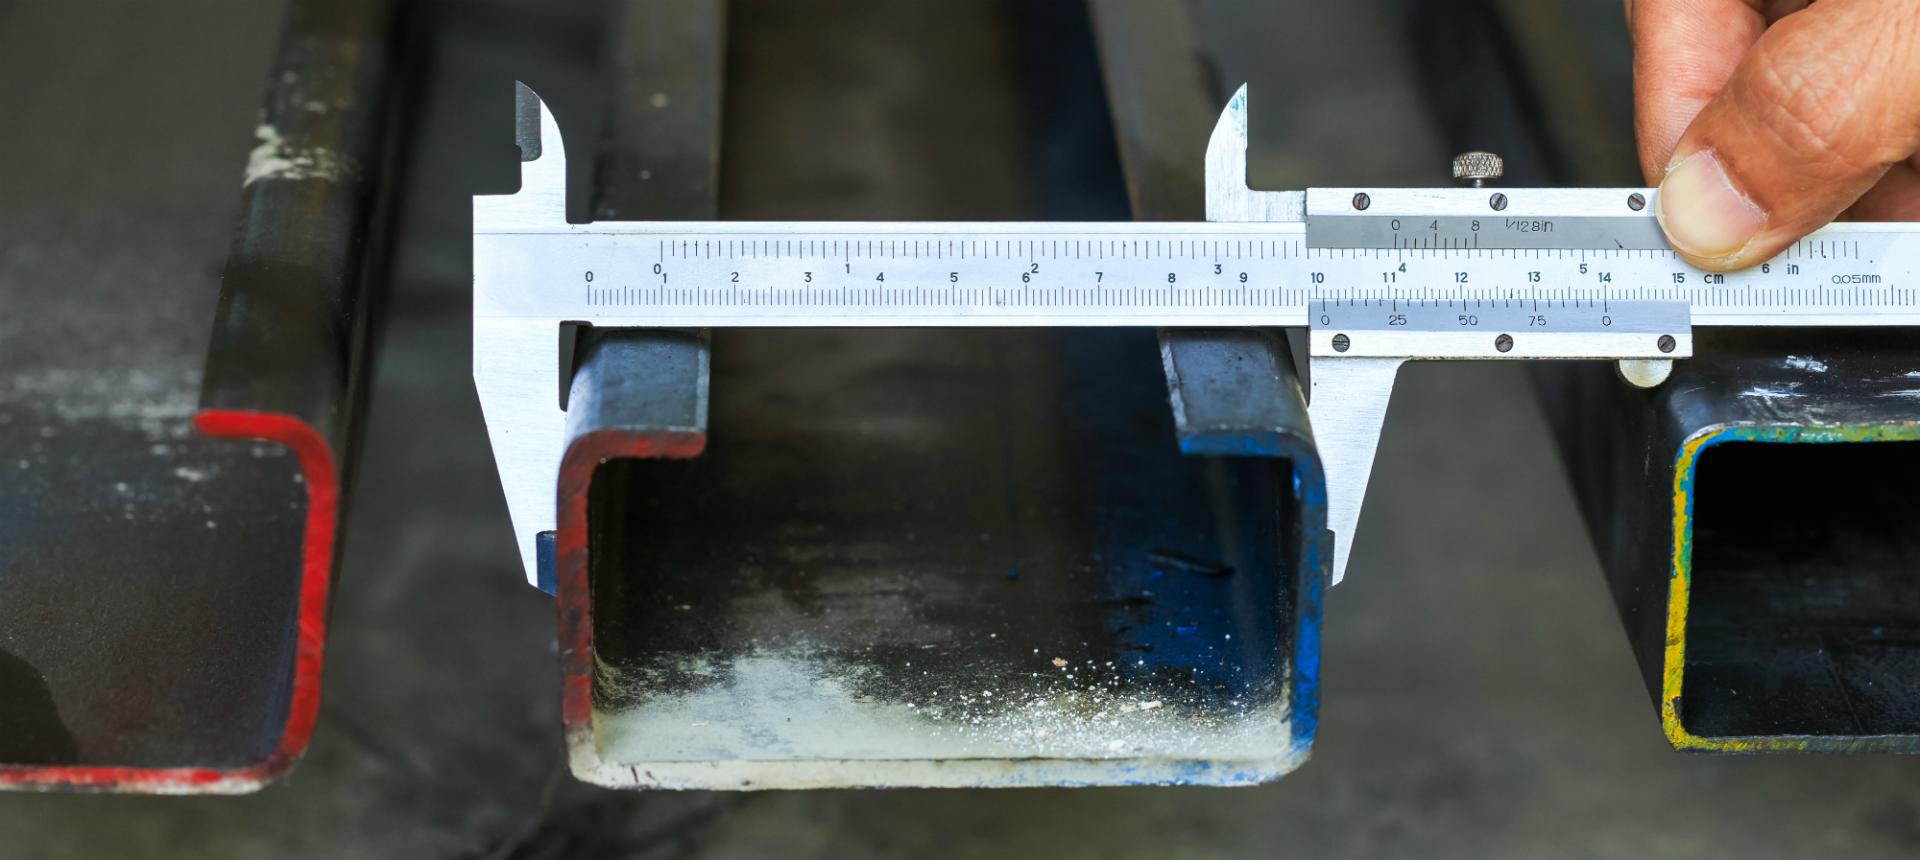 Messung der Längenänderung